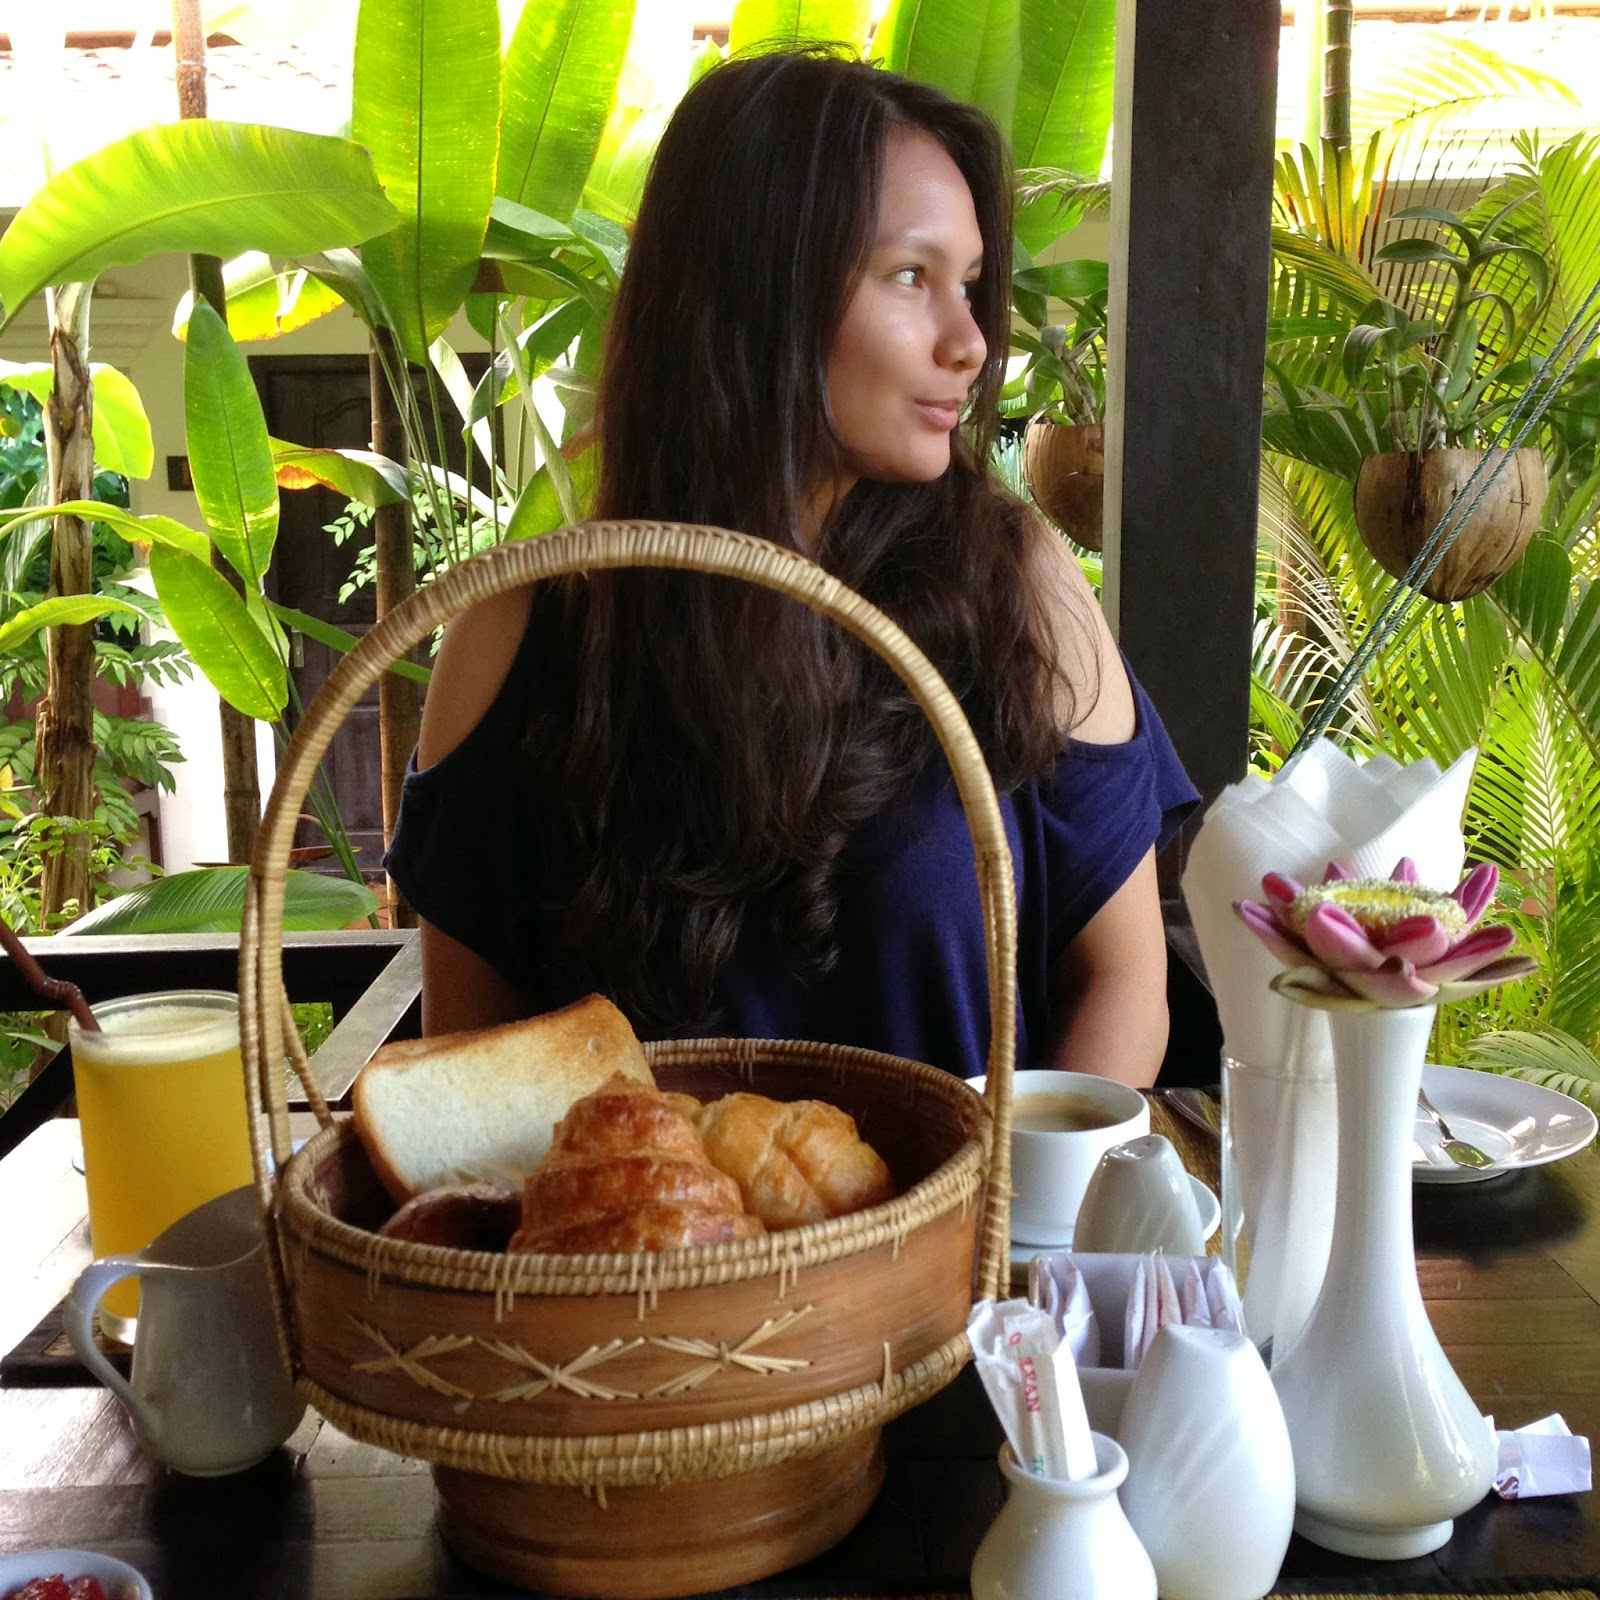 Shea Sonia in Siem Reap